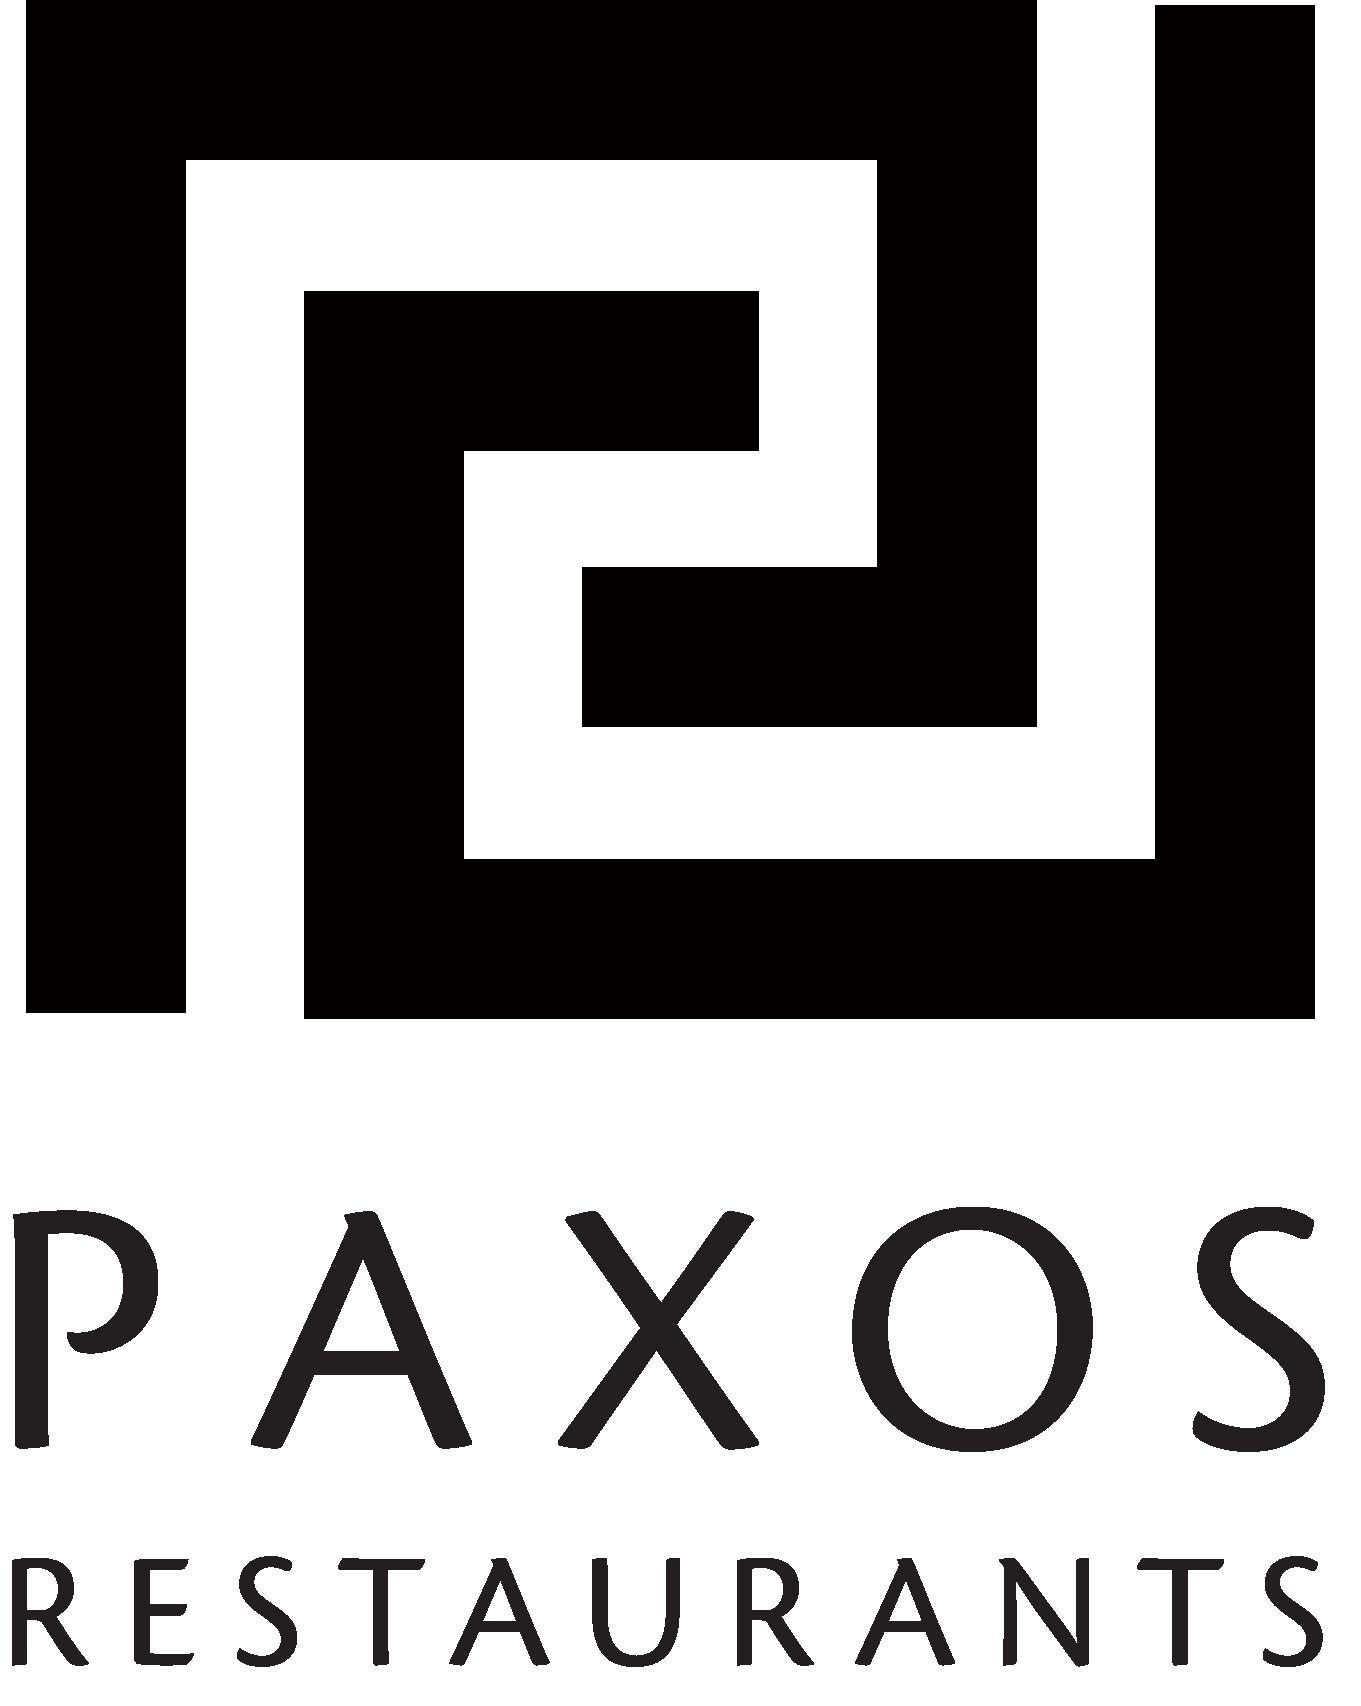 Paxos Restaurants Company Logo